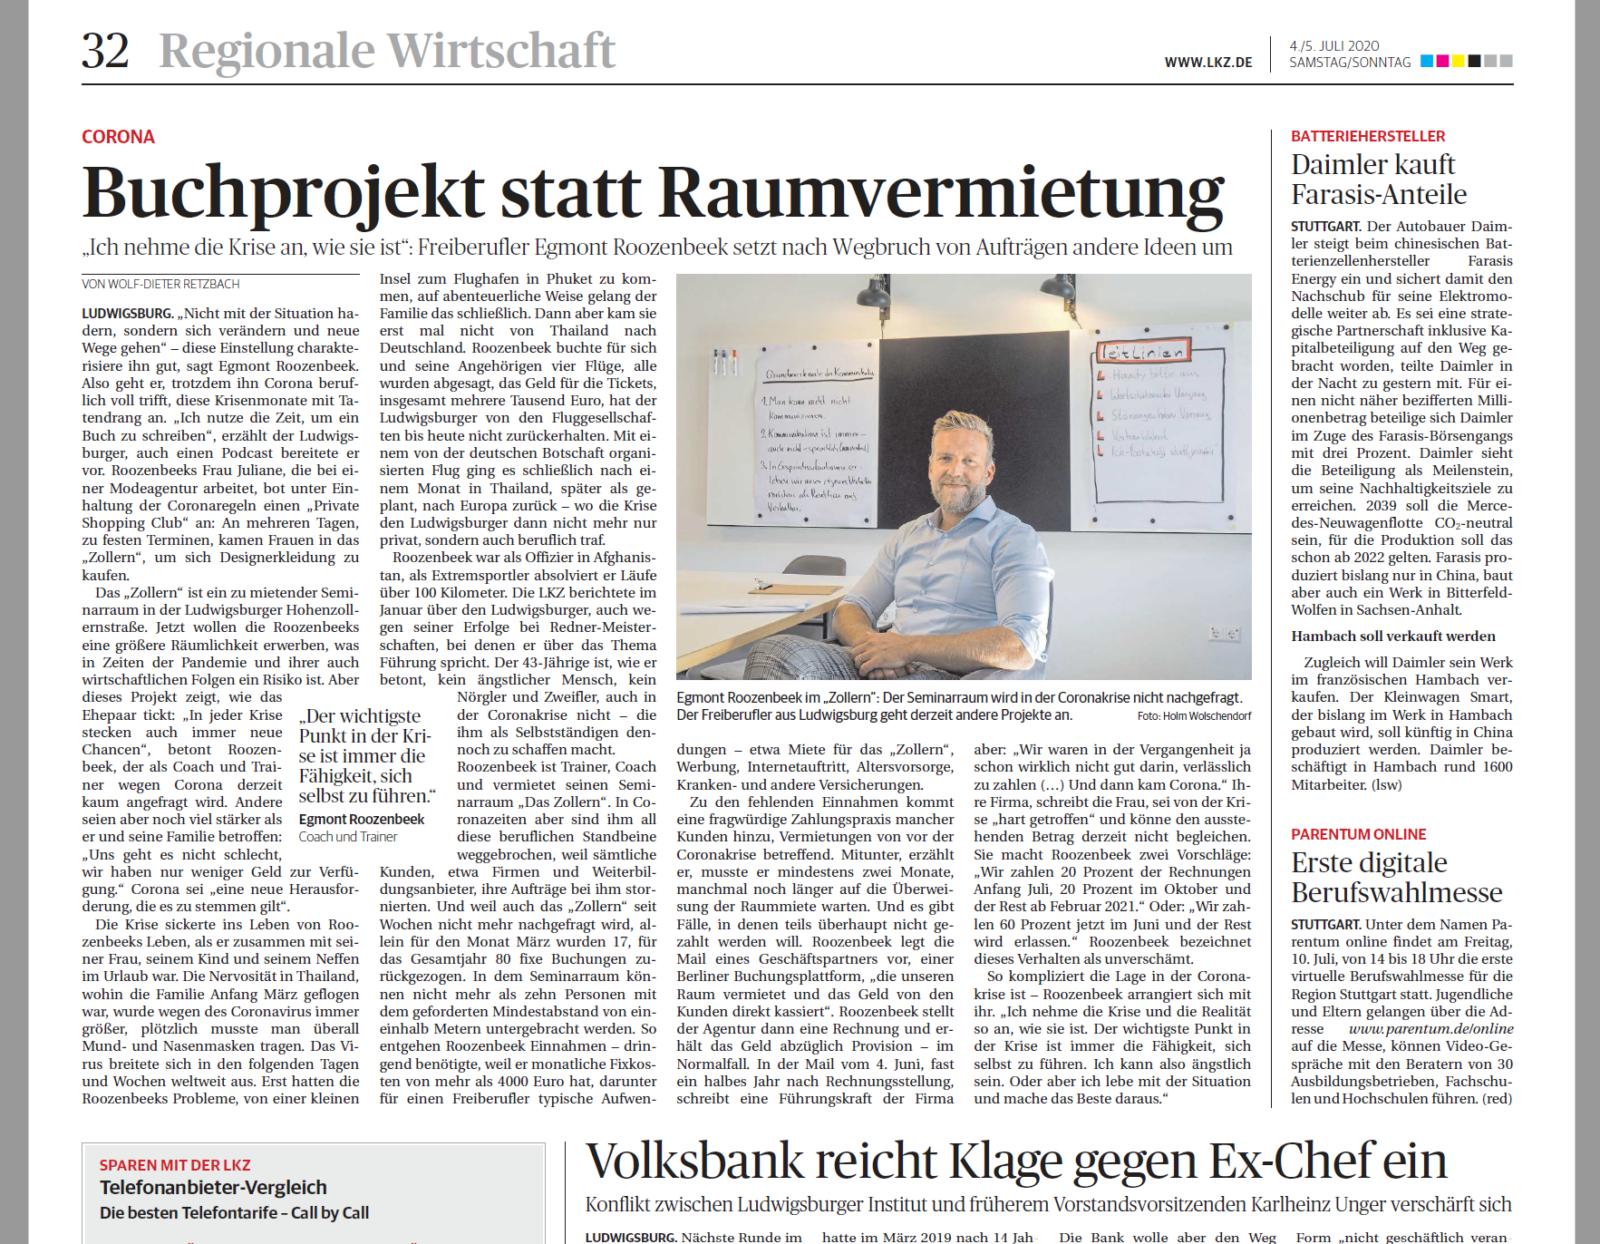 Artikel aus der Ludwigsburger Kreiszeitung über Egmont Roozenbeek und wie er mit der Corona Krise umgeht.